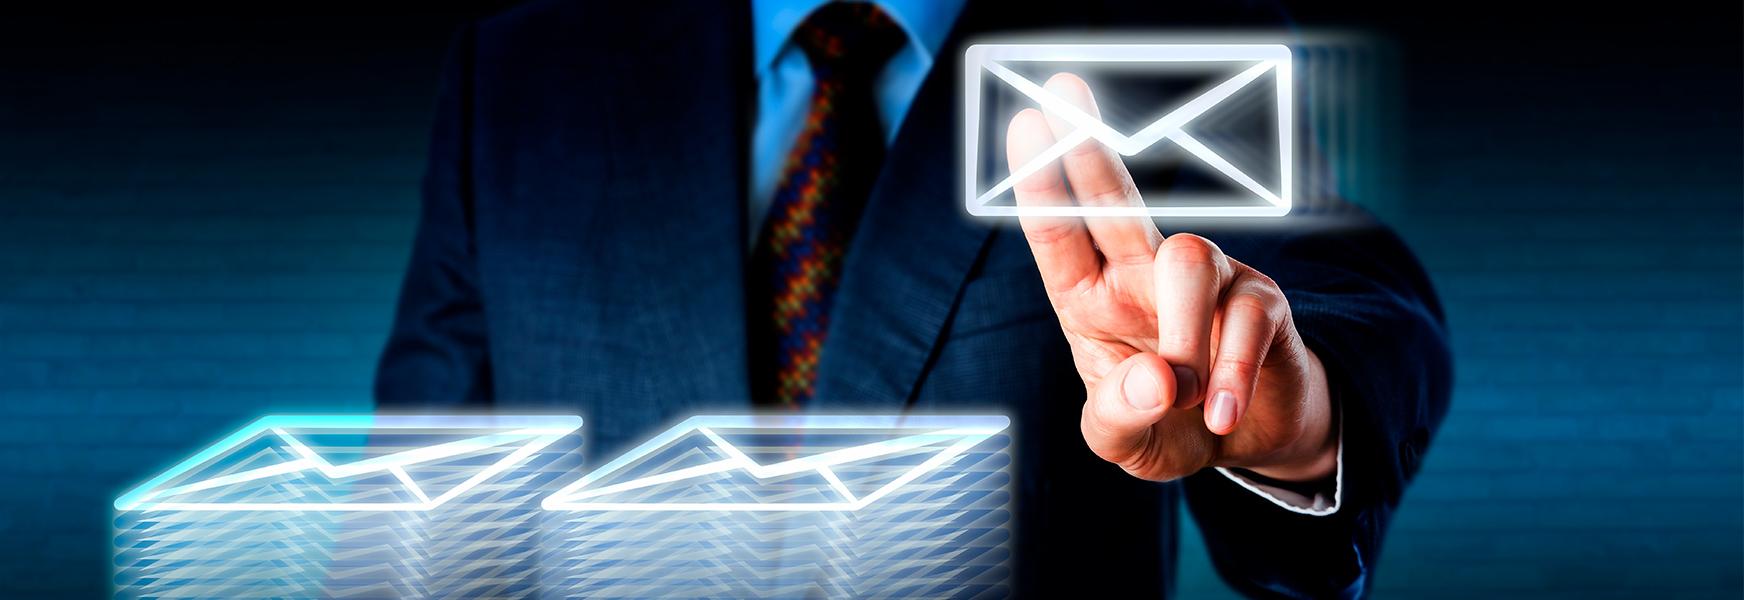 Man in suit pressing digital envelope